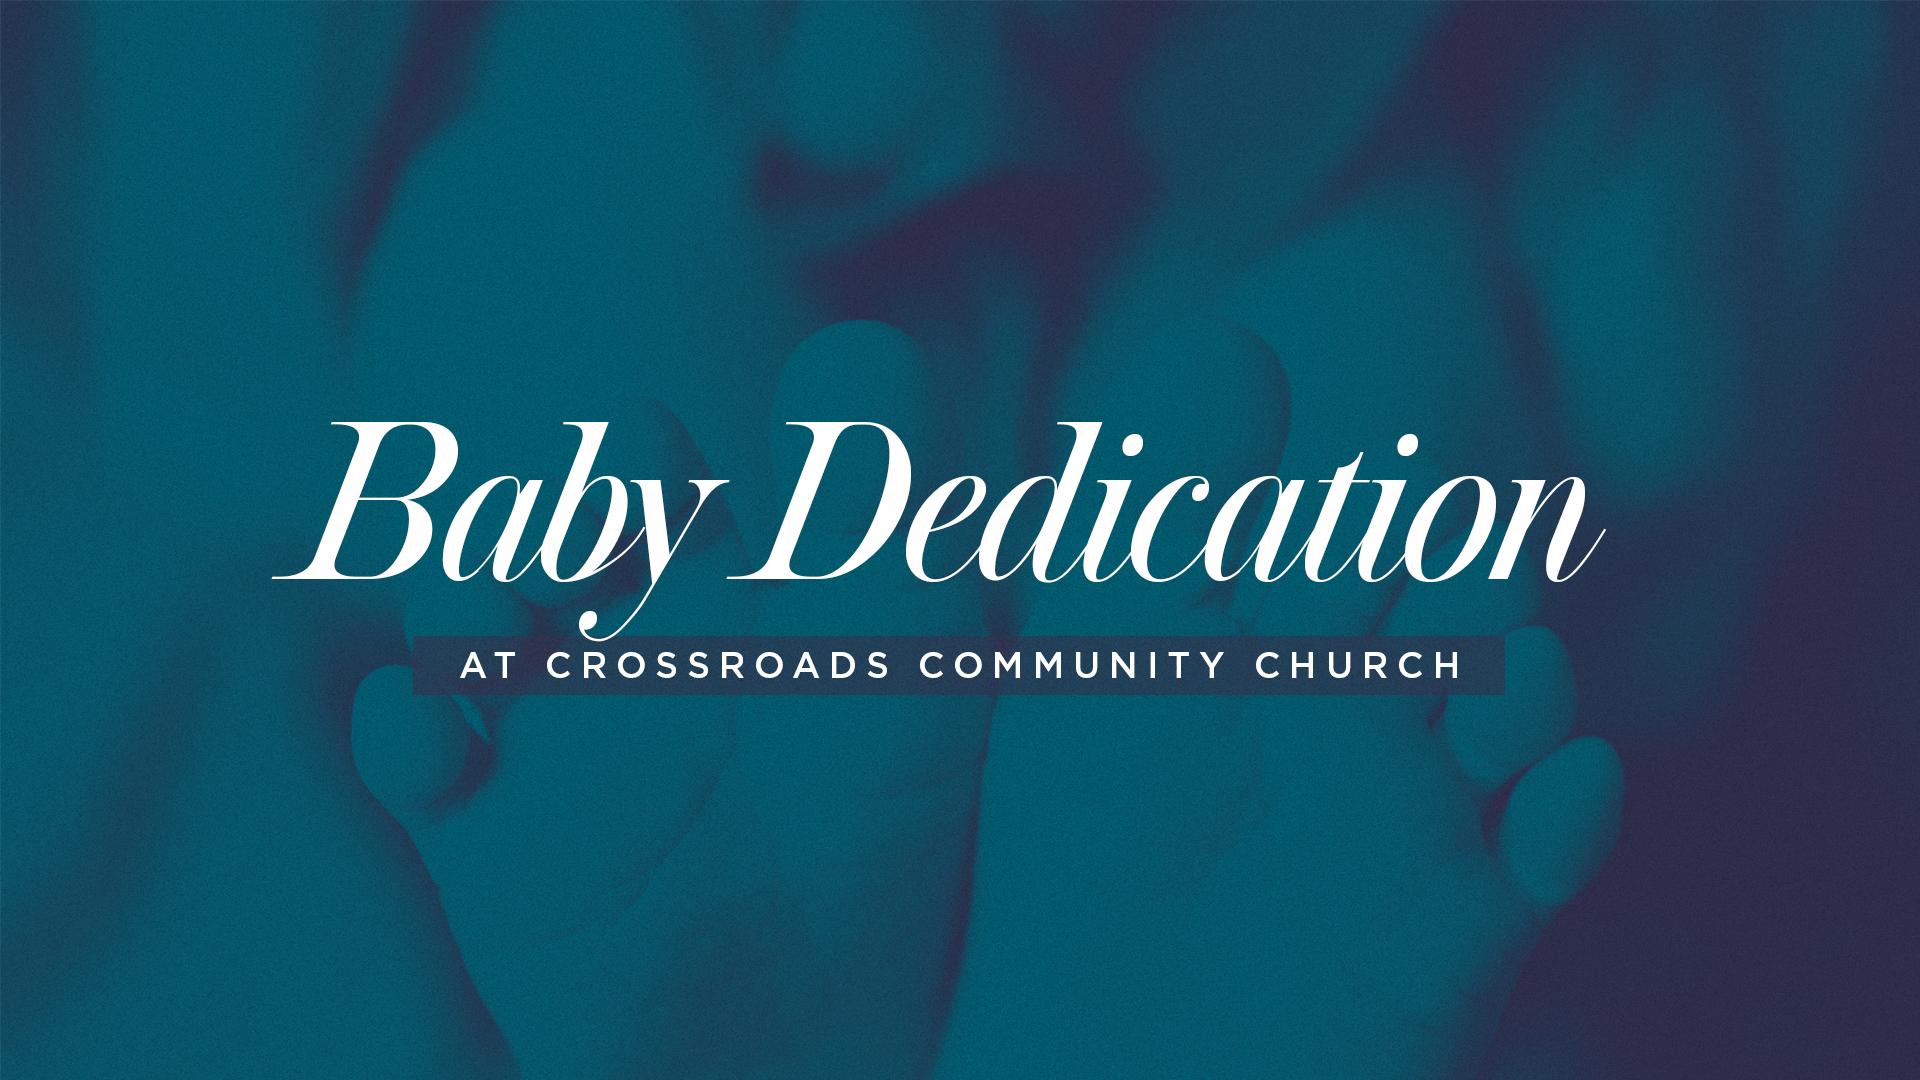 Copy of Baby Dedication